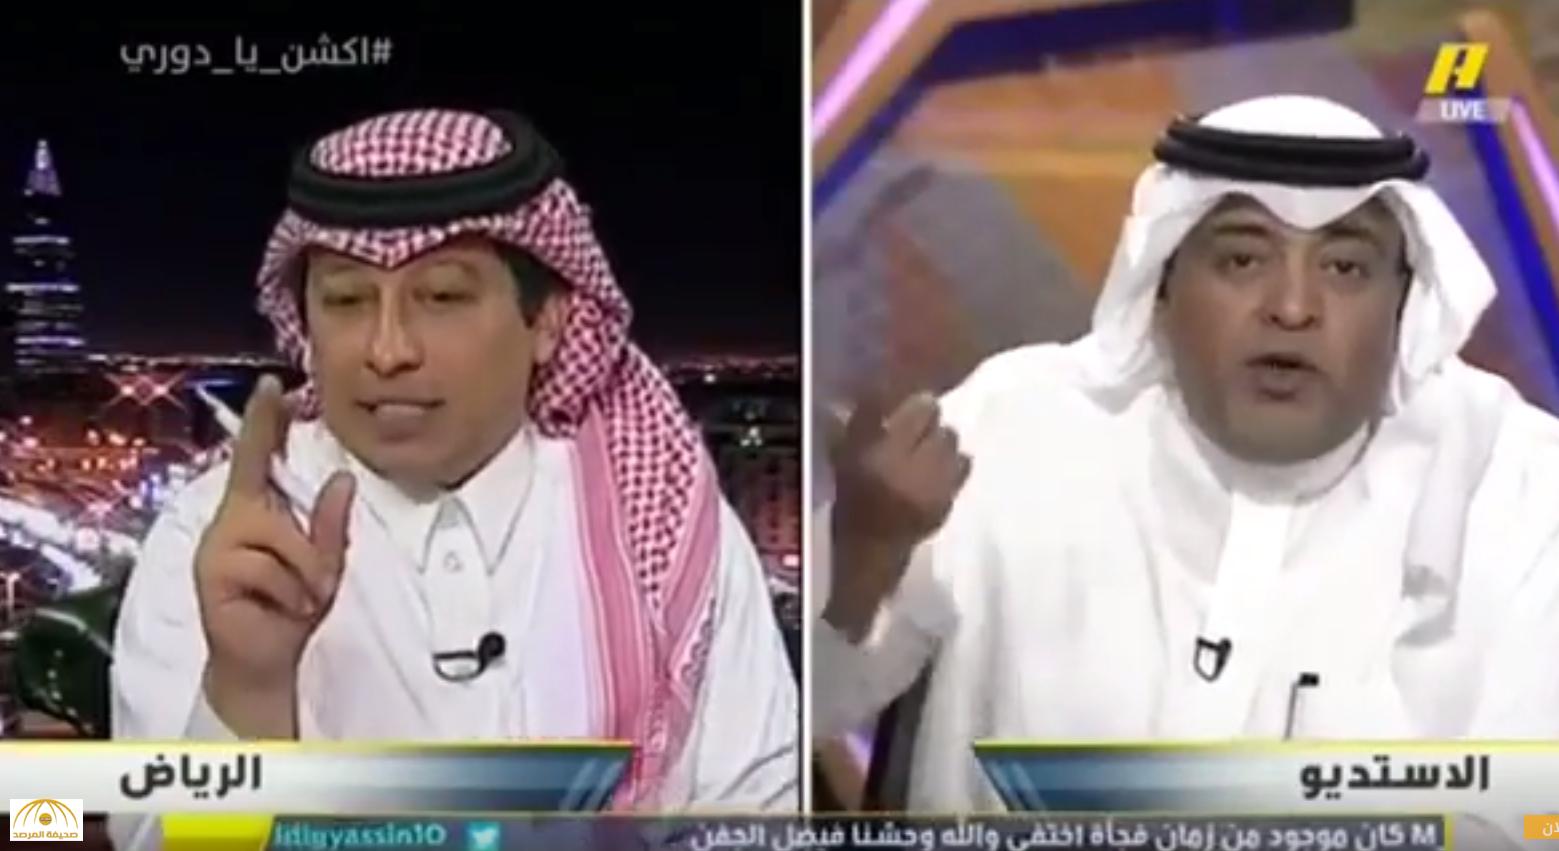 """لمح إلى انتقال """"خميس"""" إلى النصر بعد تعاقده مع الهلال.. """"الجفن"""" قانون الاحتراف """"محامي خلع"""" !"""